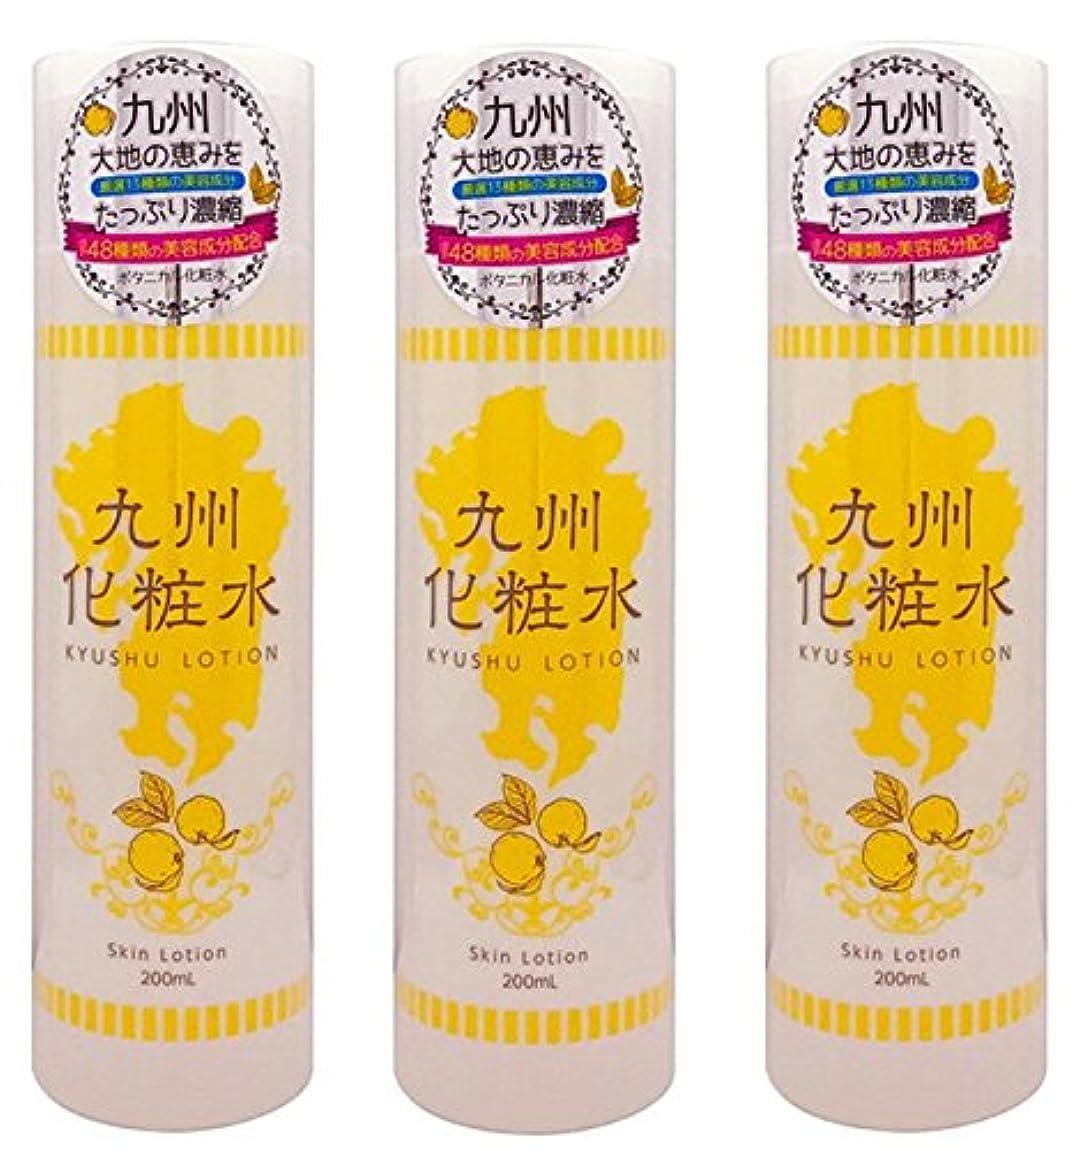 解体するキャンパス封筒九州化粧水 200ml (ボタニカル化粧水) X 3本セット